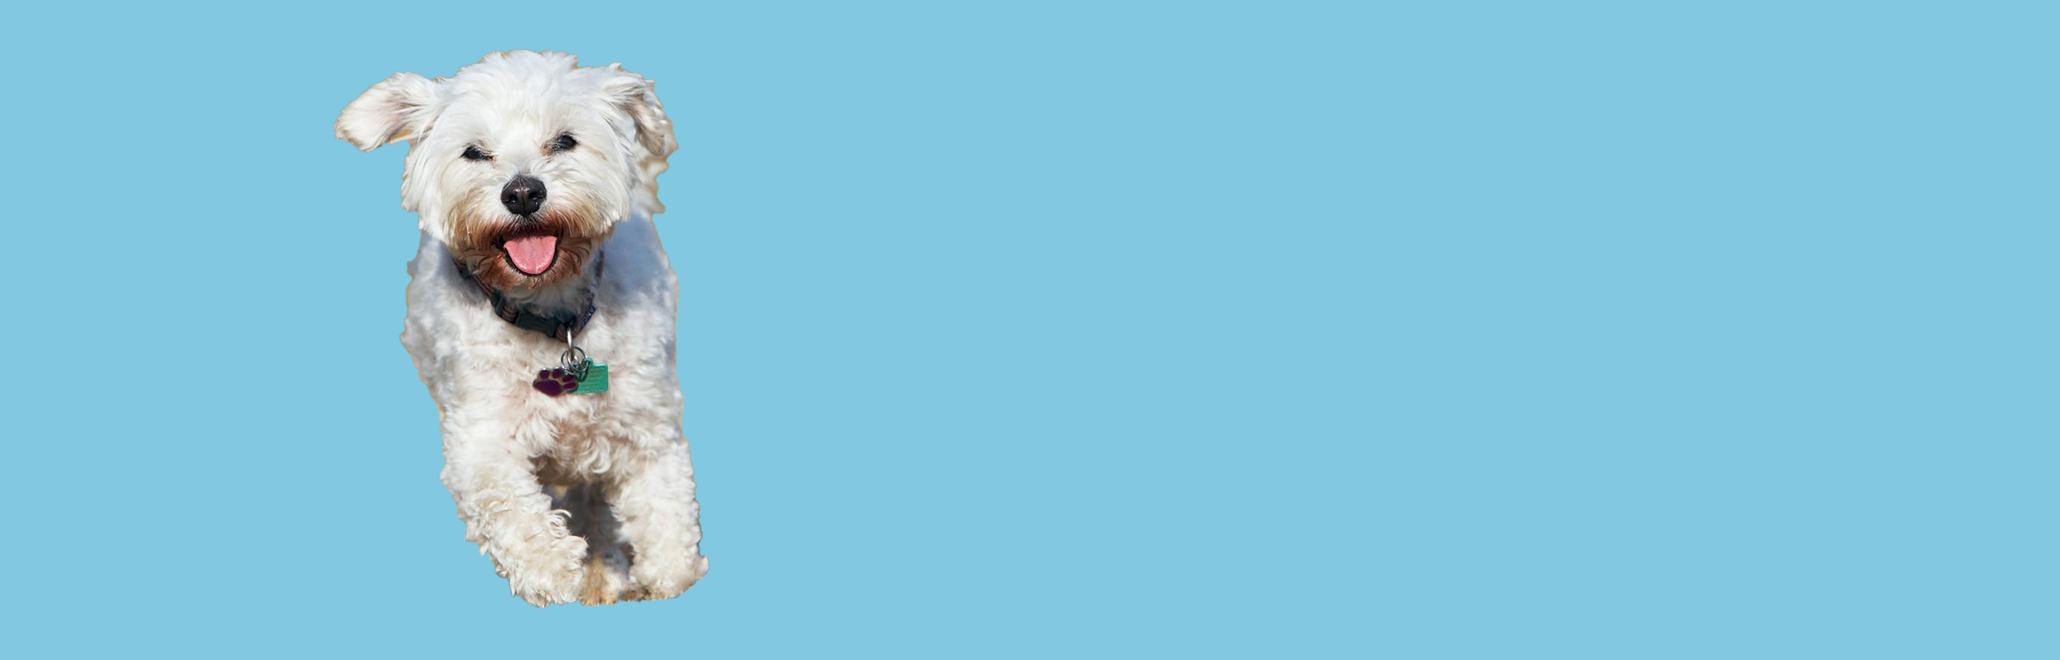 blue-background-dog2